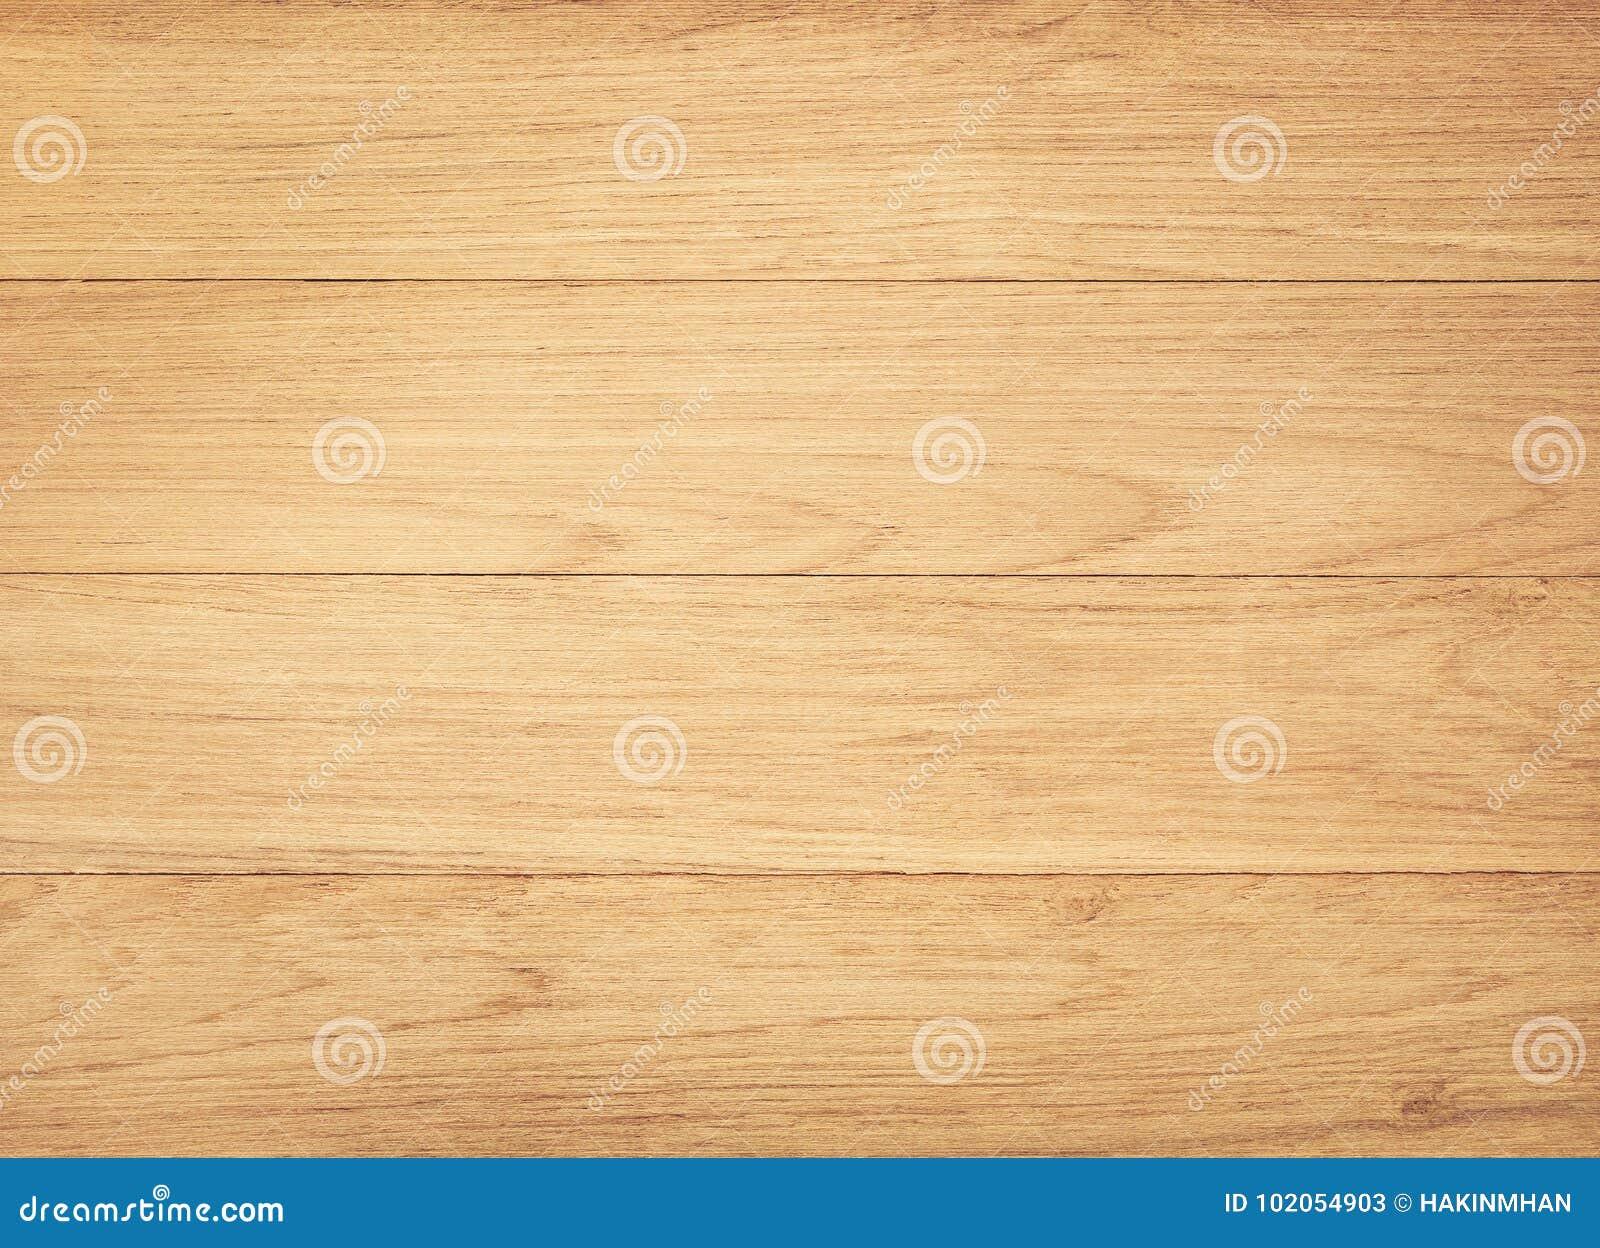 vrais milieux en bois de texture de dessus de table image stock image du p le blanc 102054903. Black Bedroom Furniture Sets. Home Design Ideas